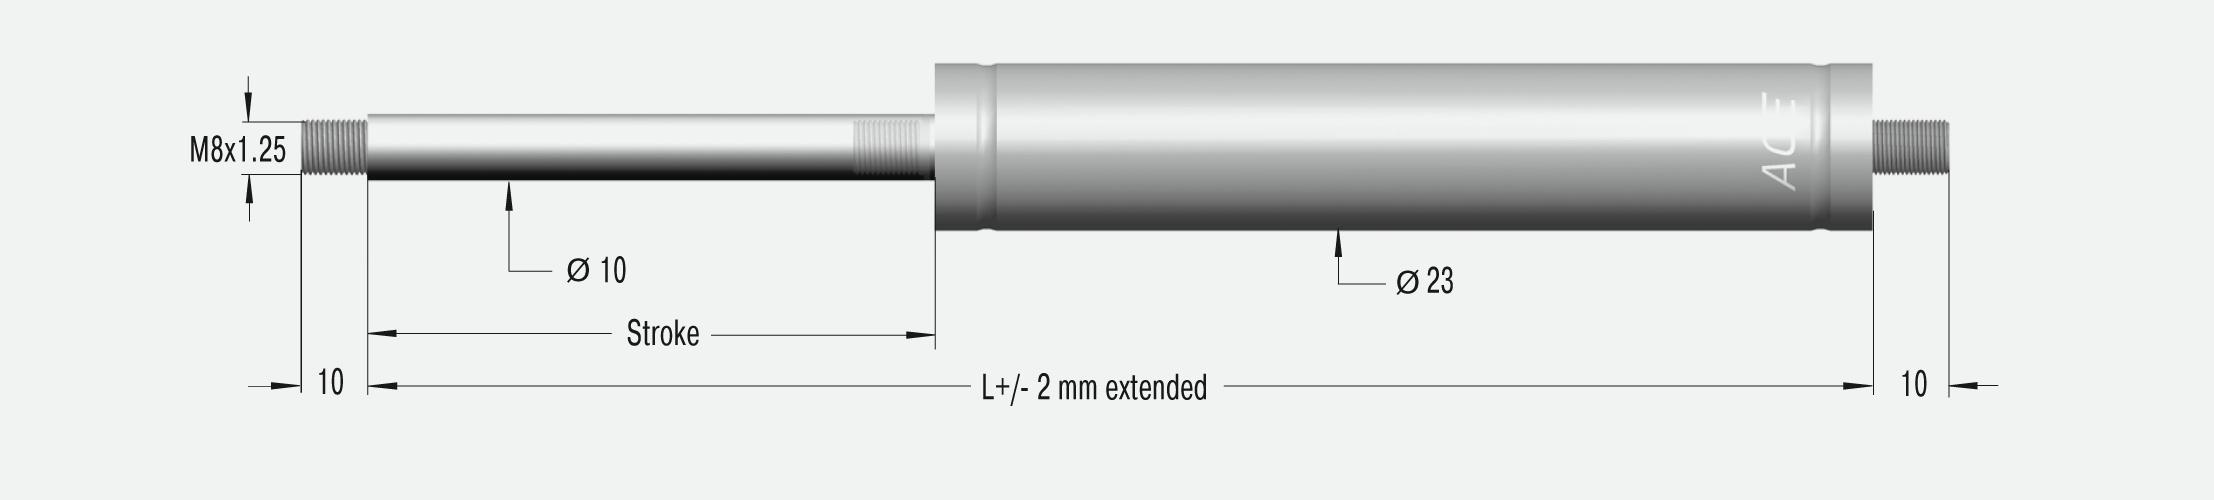 GS-22-650-V4A